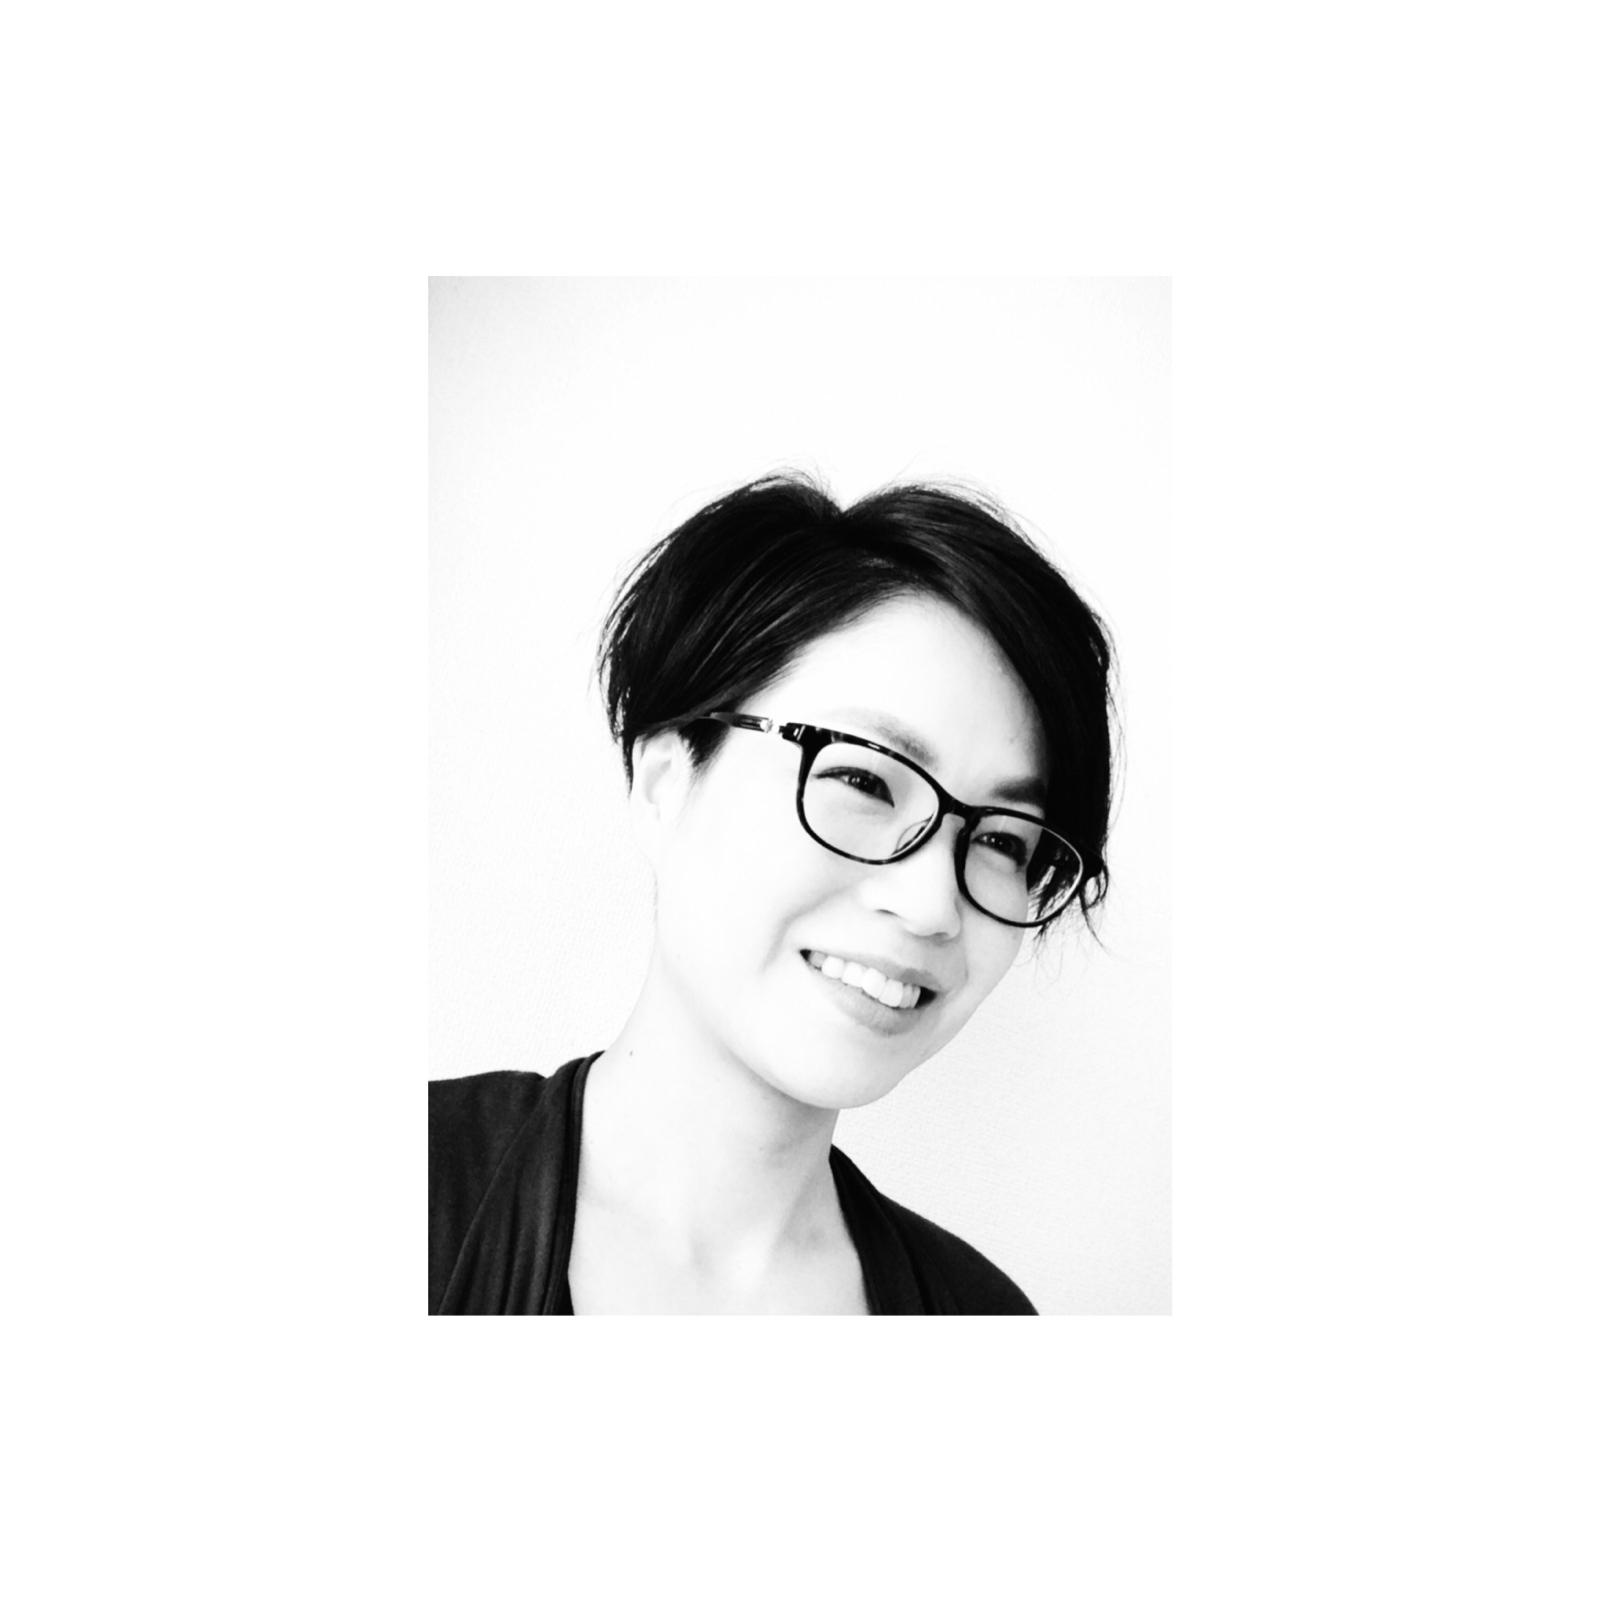 2019.1.22 完全版・オシャレの基本講座 by Instagram_d0336521_10170468.jpg